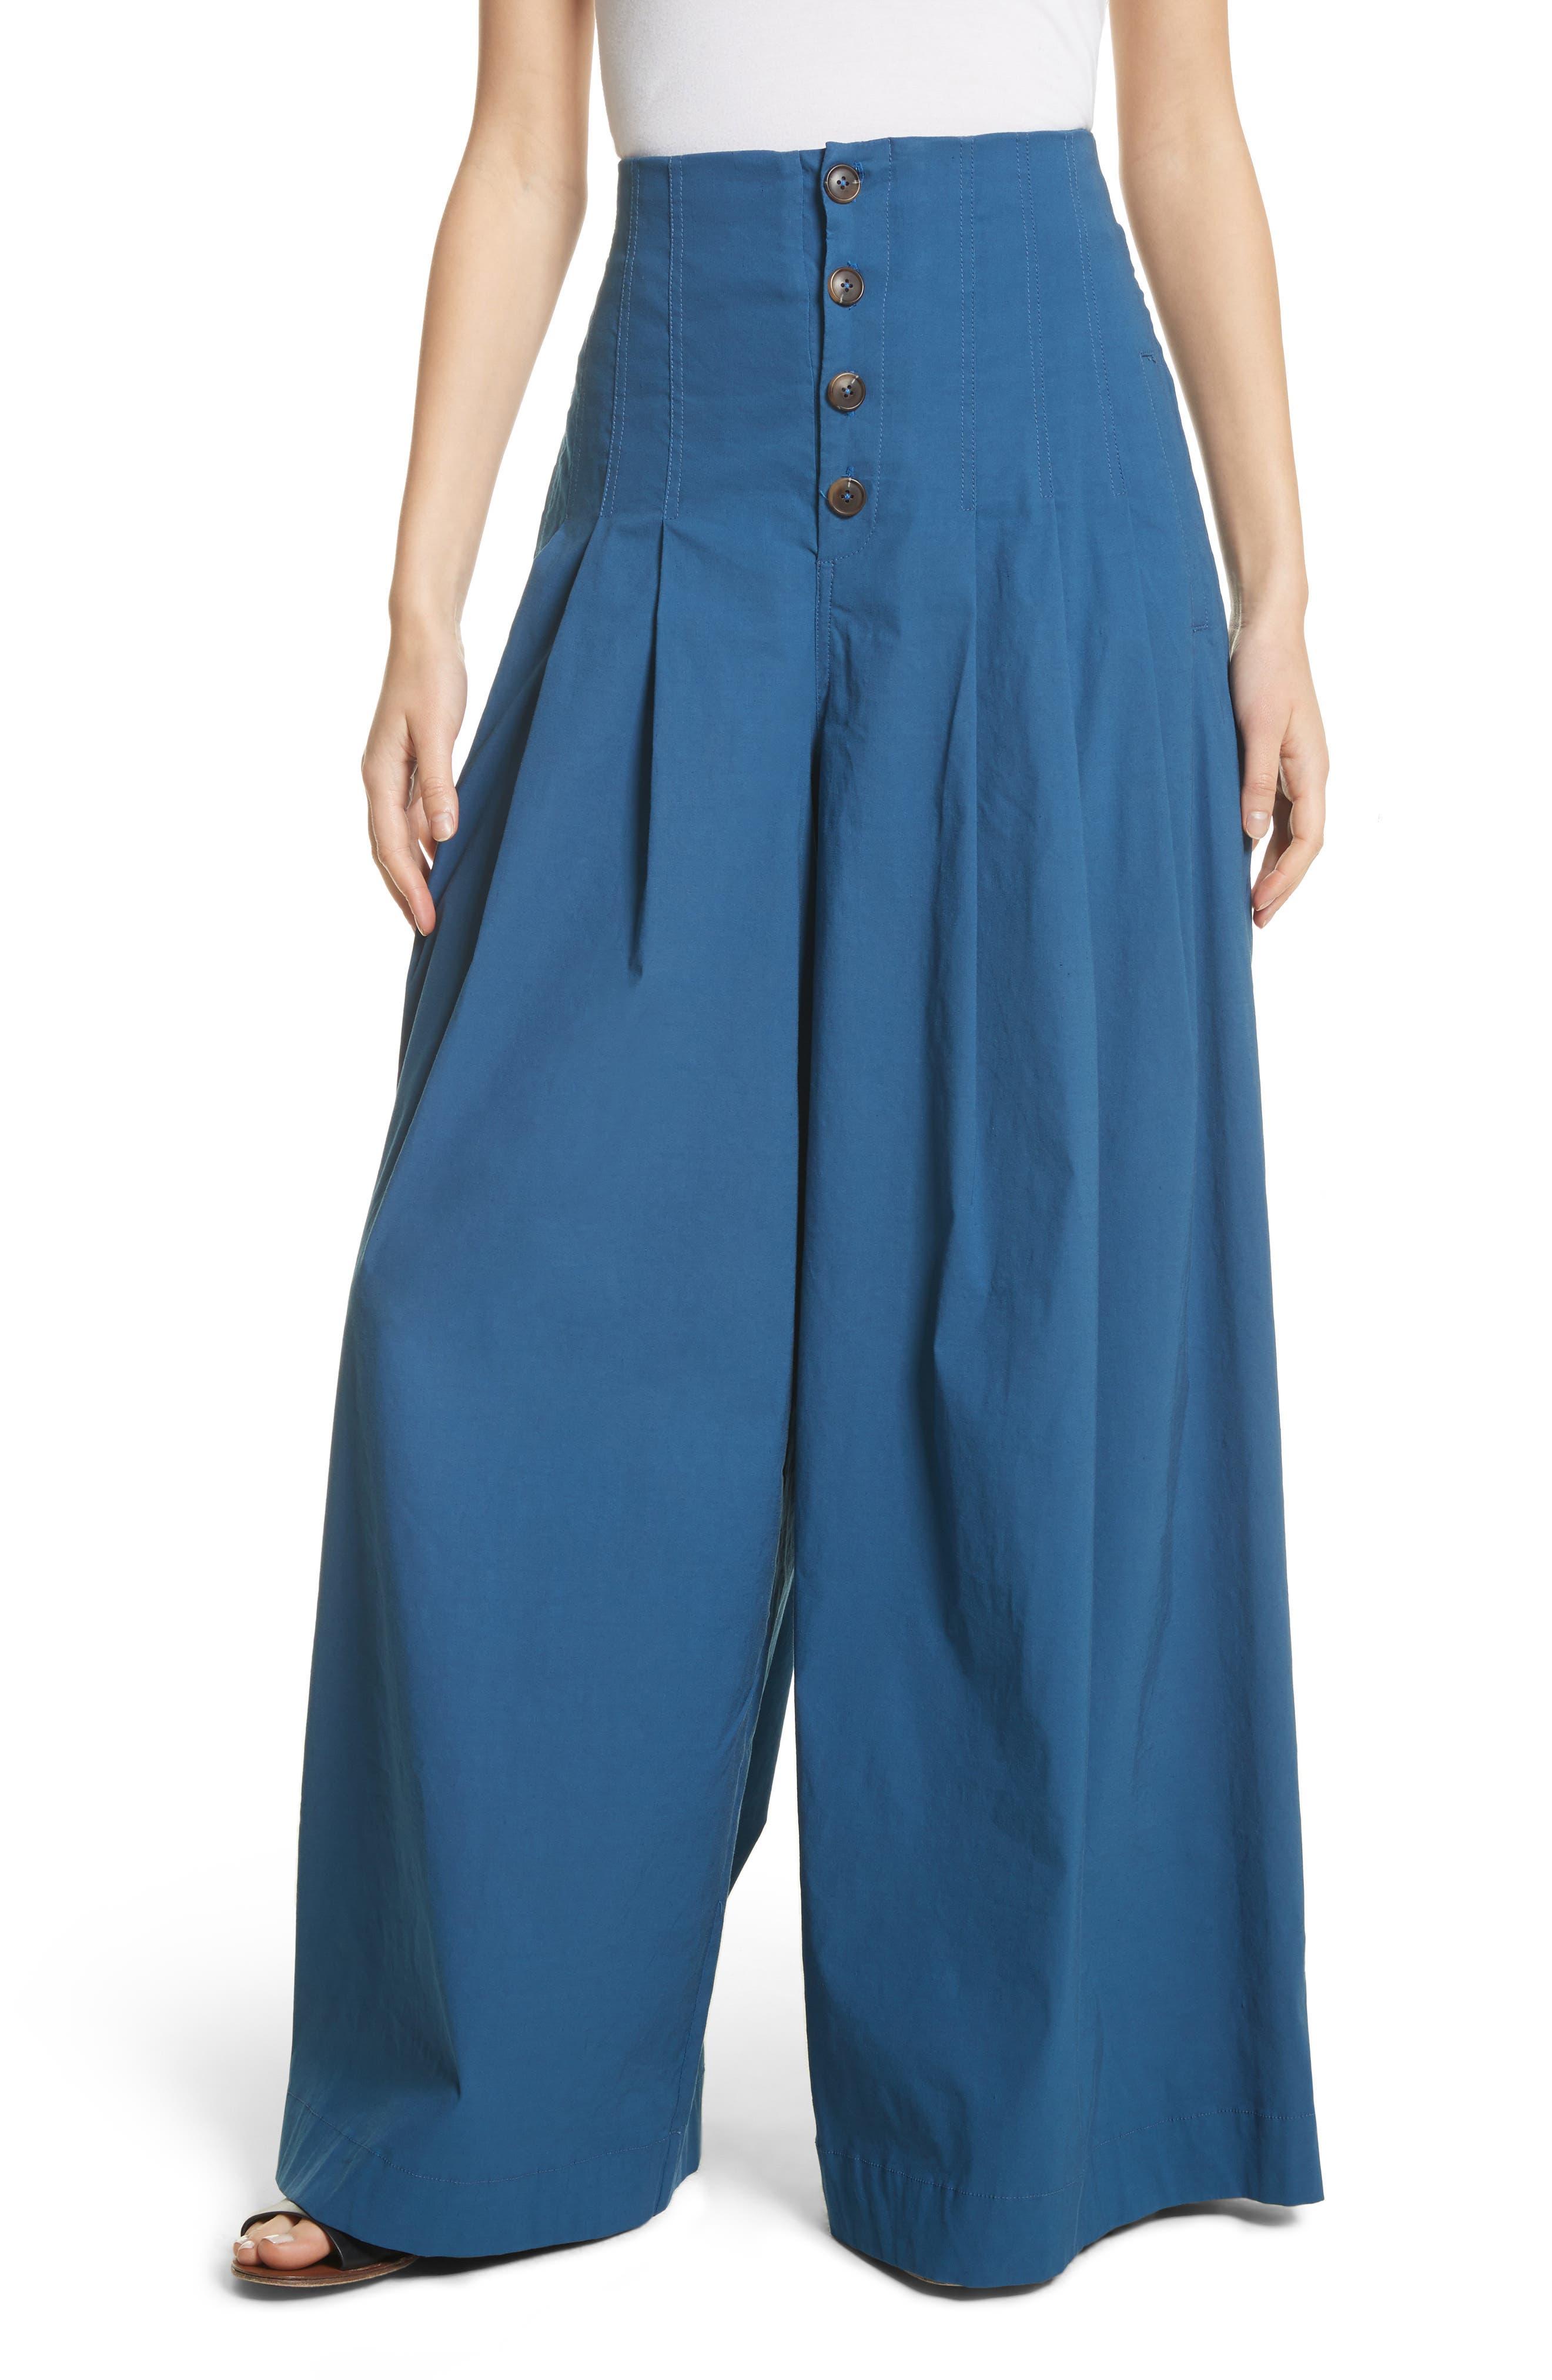 Sea Bernadette High Waist Wide Leg Pants